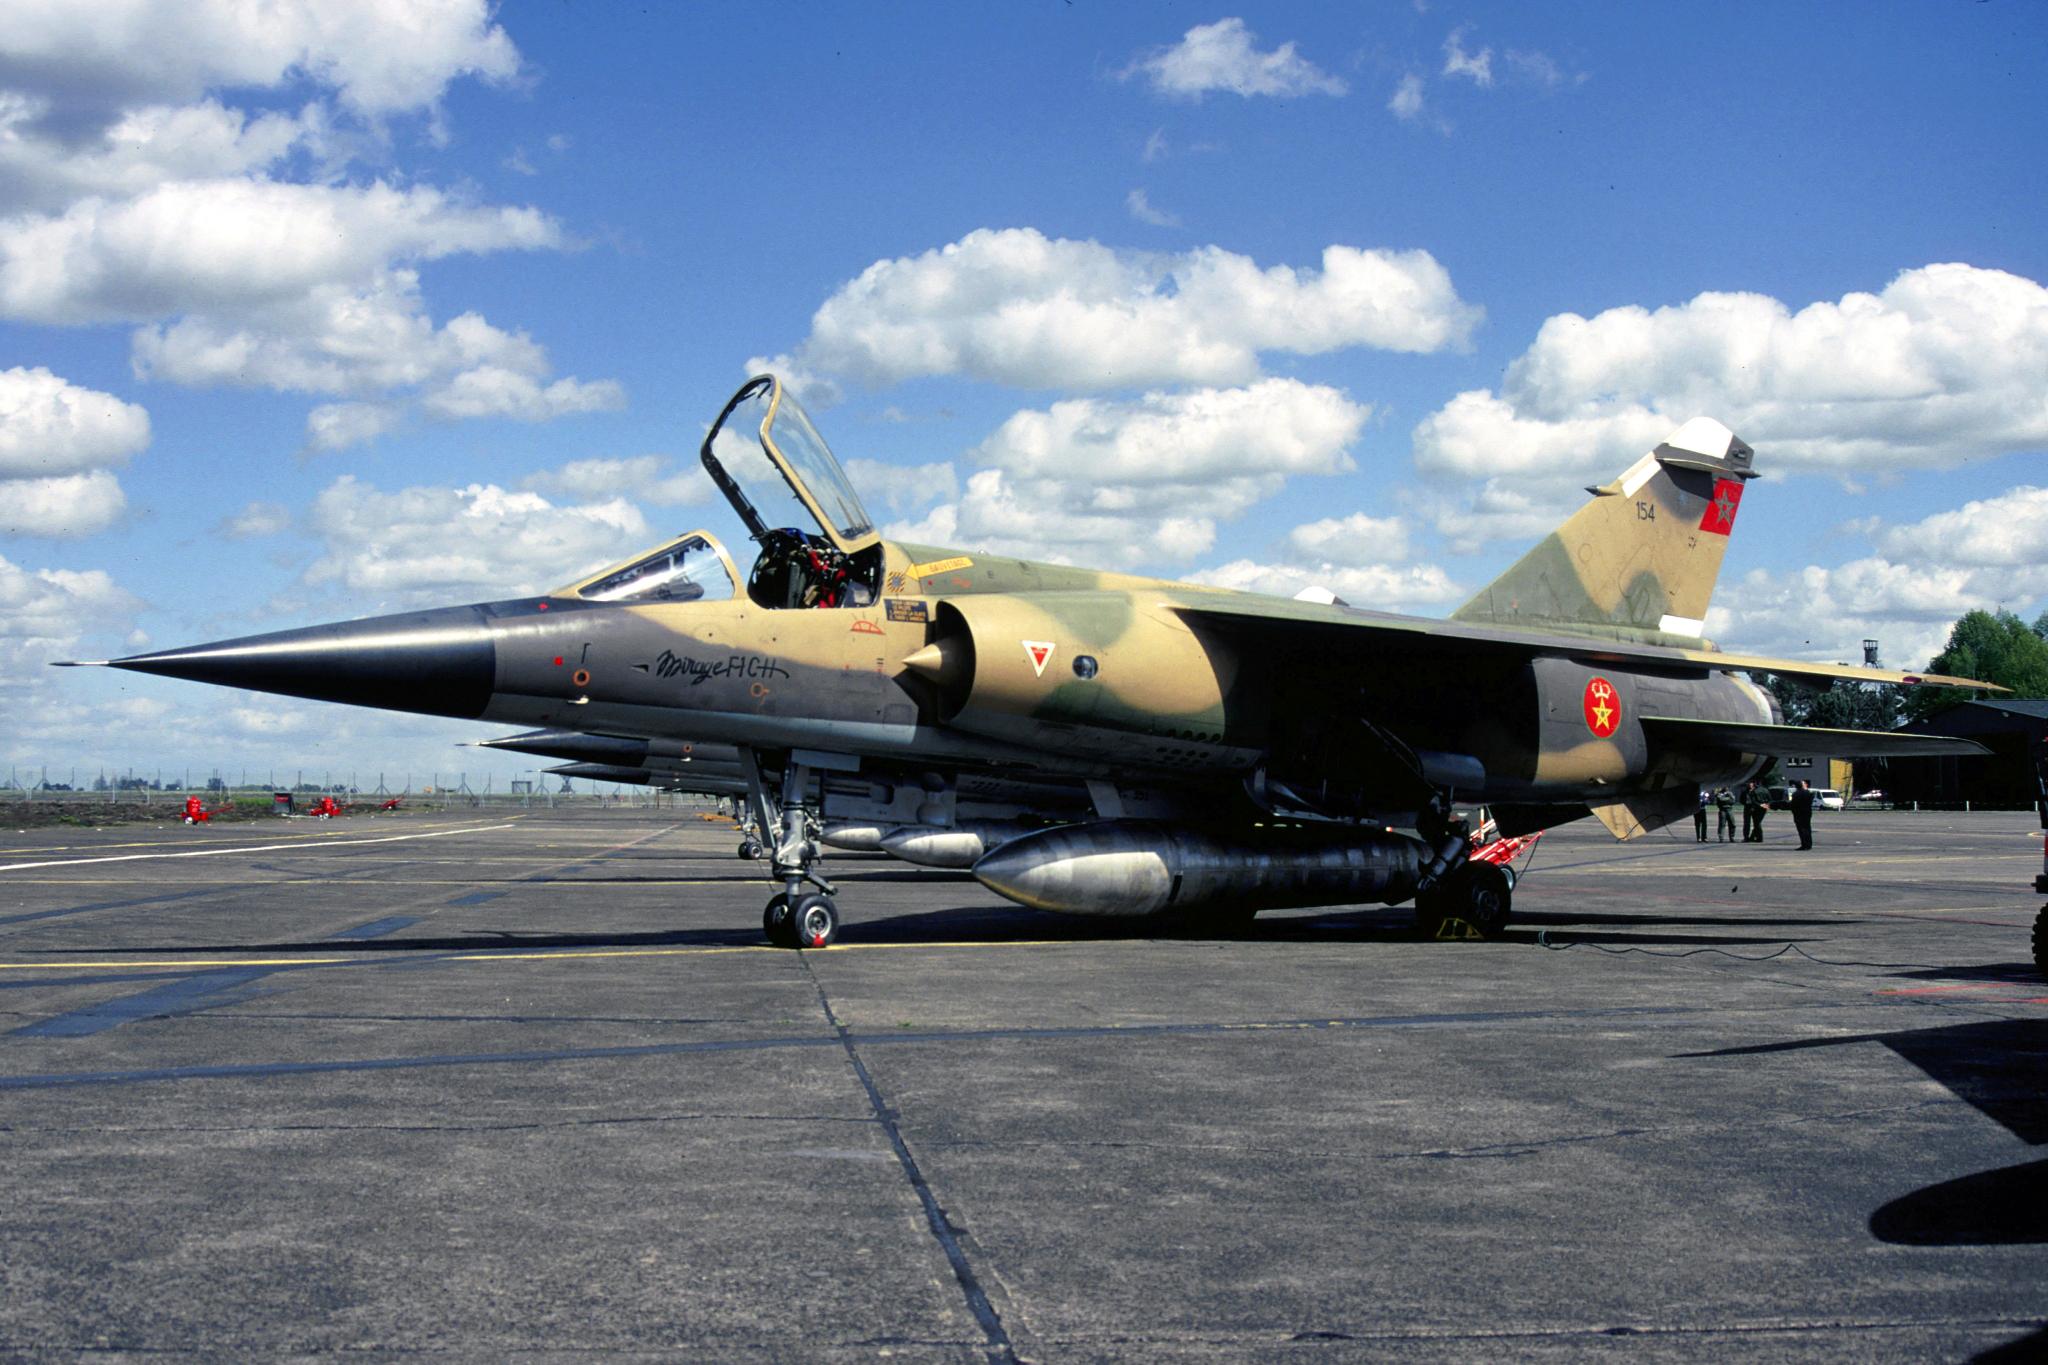 FRA: Photos Mirage F1 - Page 15 48908020896_29a5a8dfa3_o